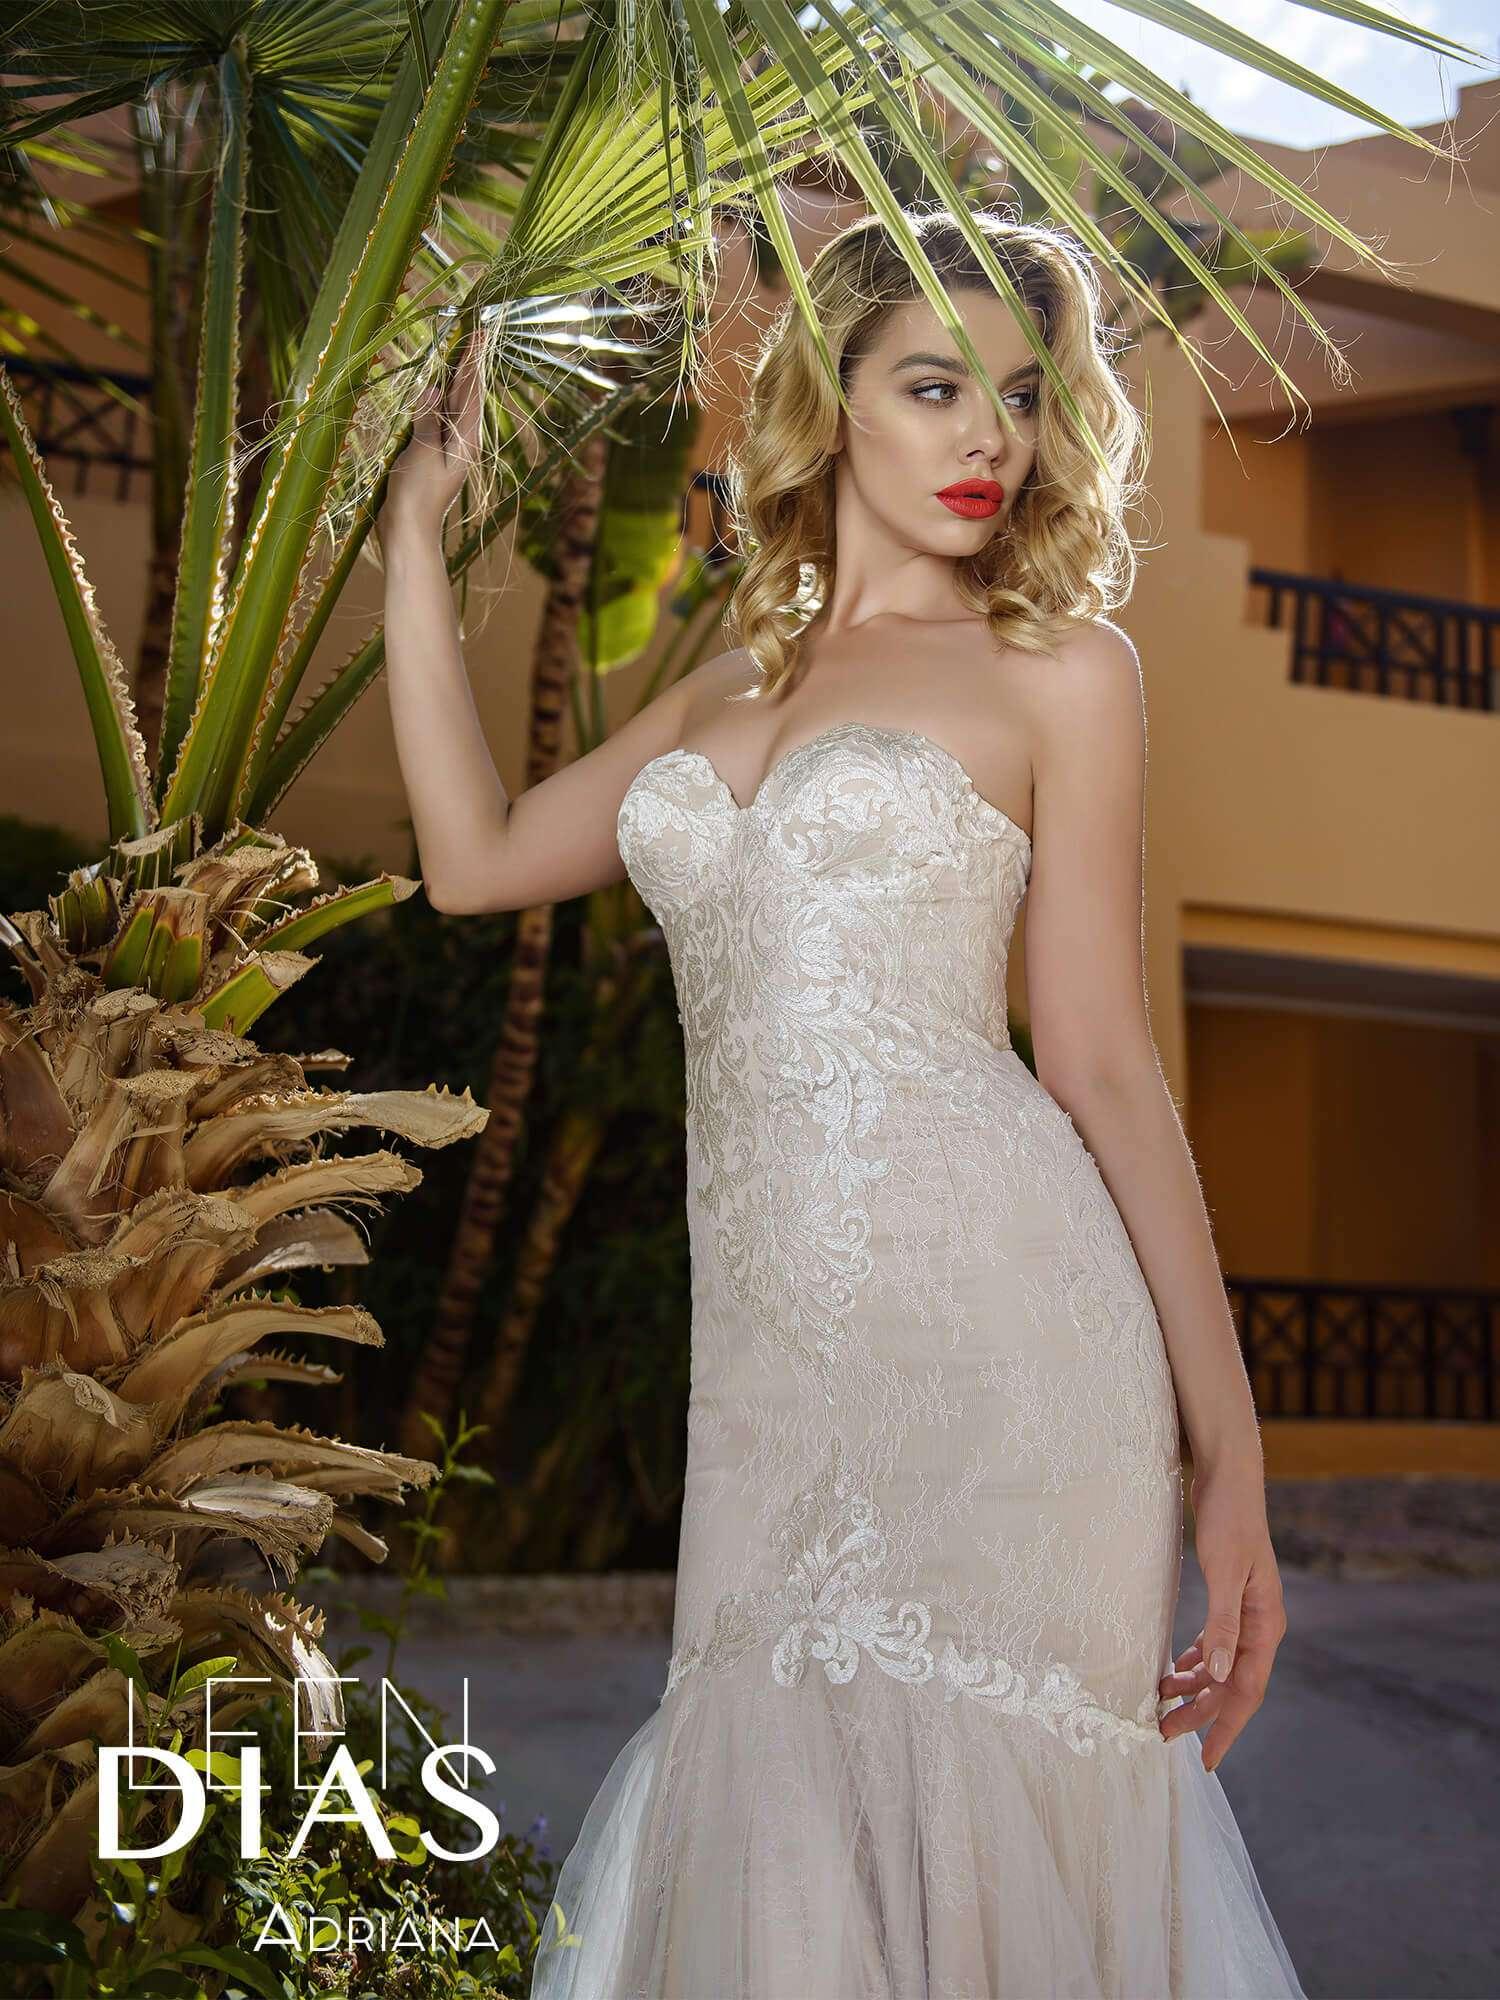 Следите за модой? Свадебные платья и фаты Leen Dias